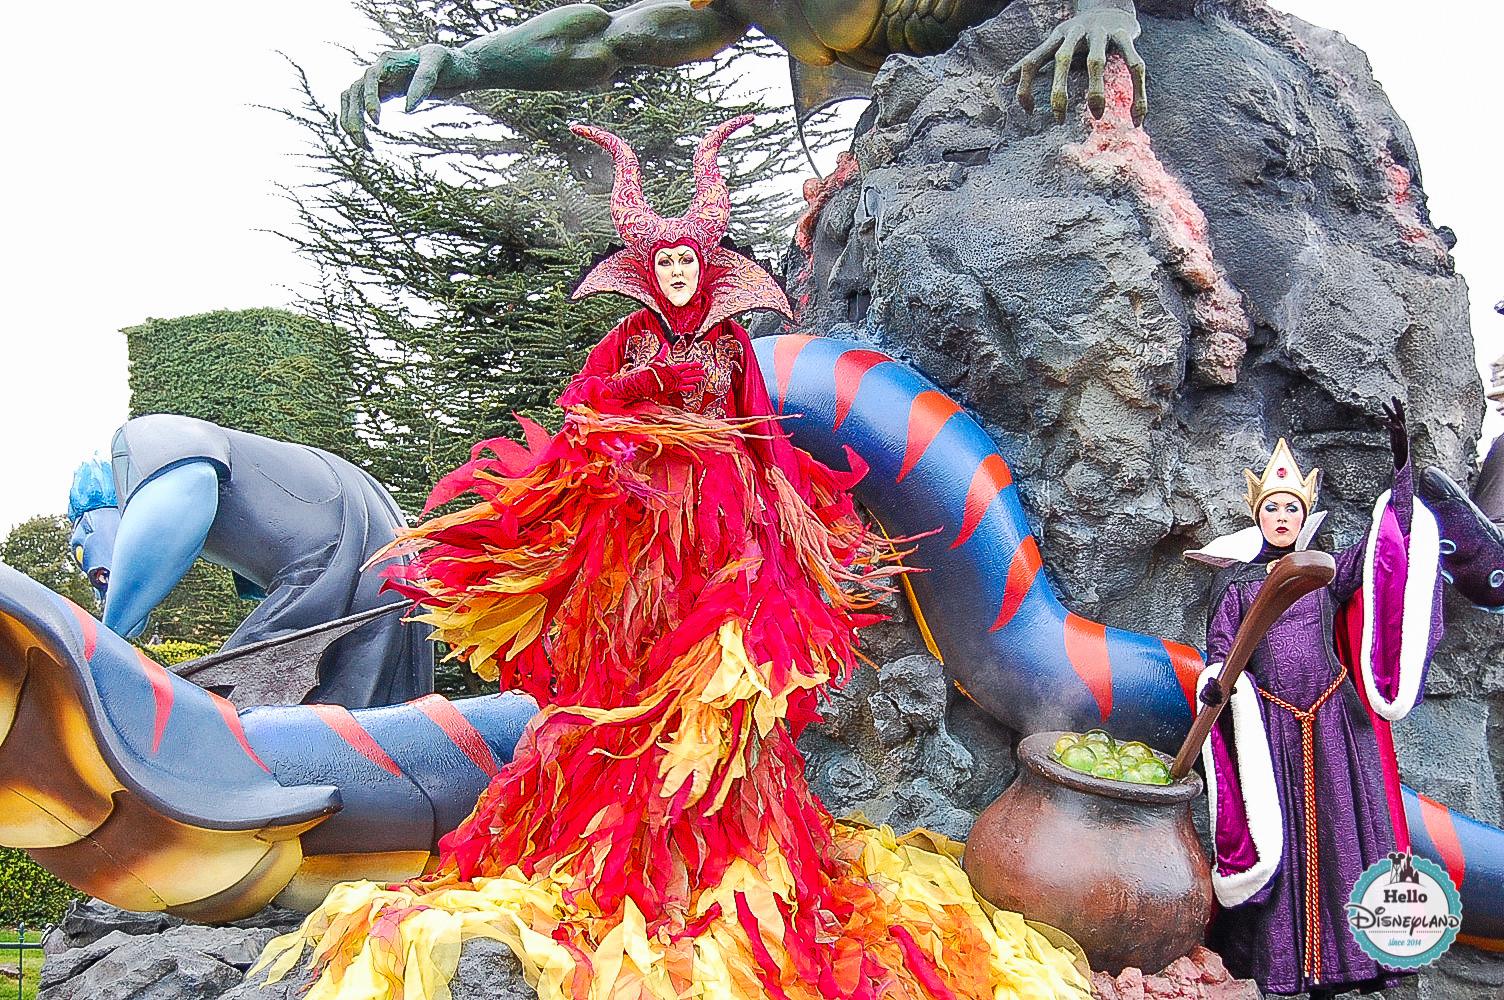 Disney Once Upon a Dream Parade - Disneyland Paris -18